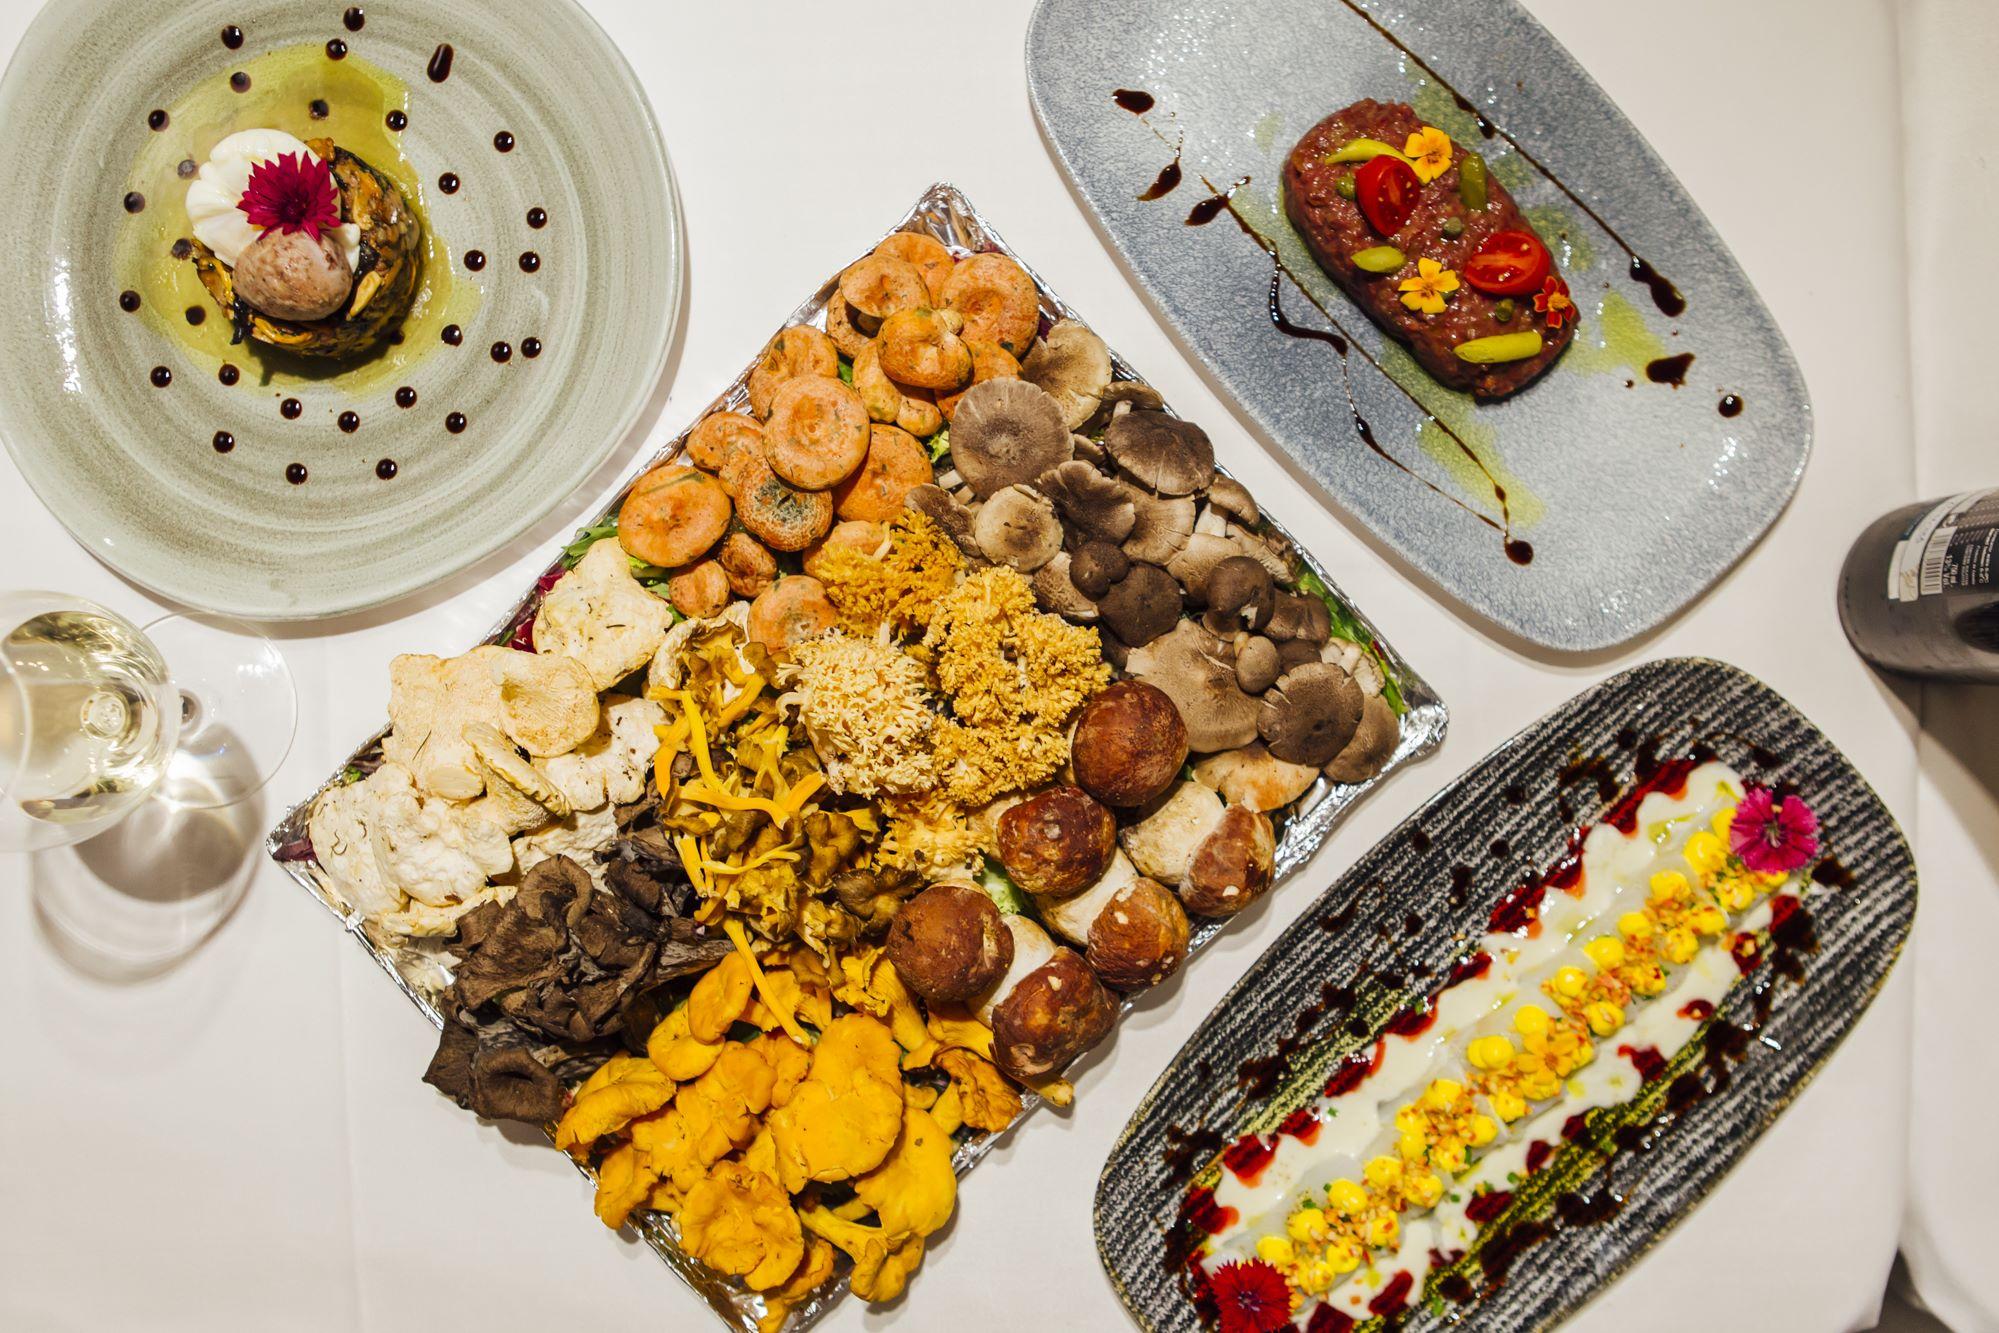 Popurrí de setas con butifarra del Perol y huevo poché, bandeja de setas, tartar de cabra hispánica y bacalao marinado con salsa de yogur y jalapeño liofilizado.